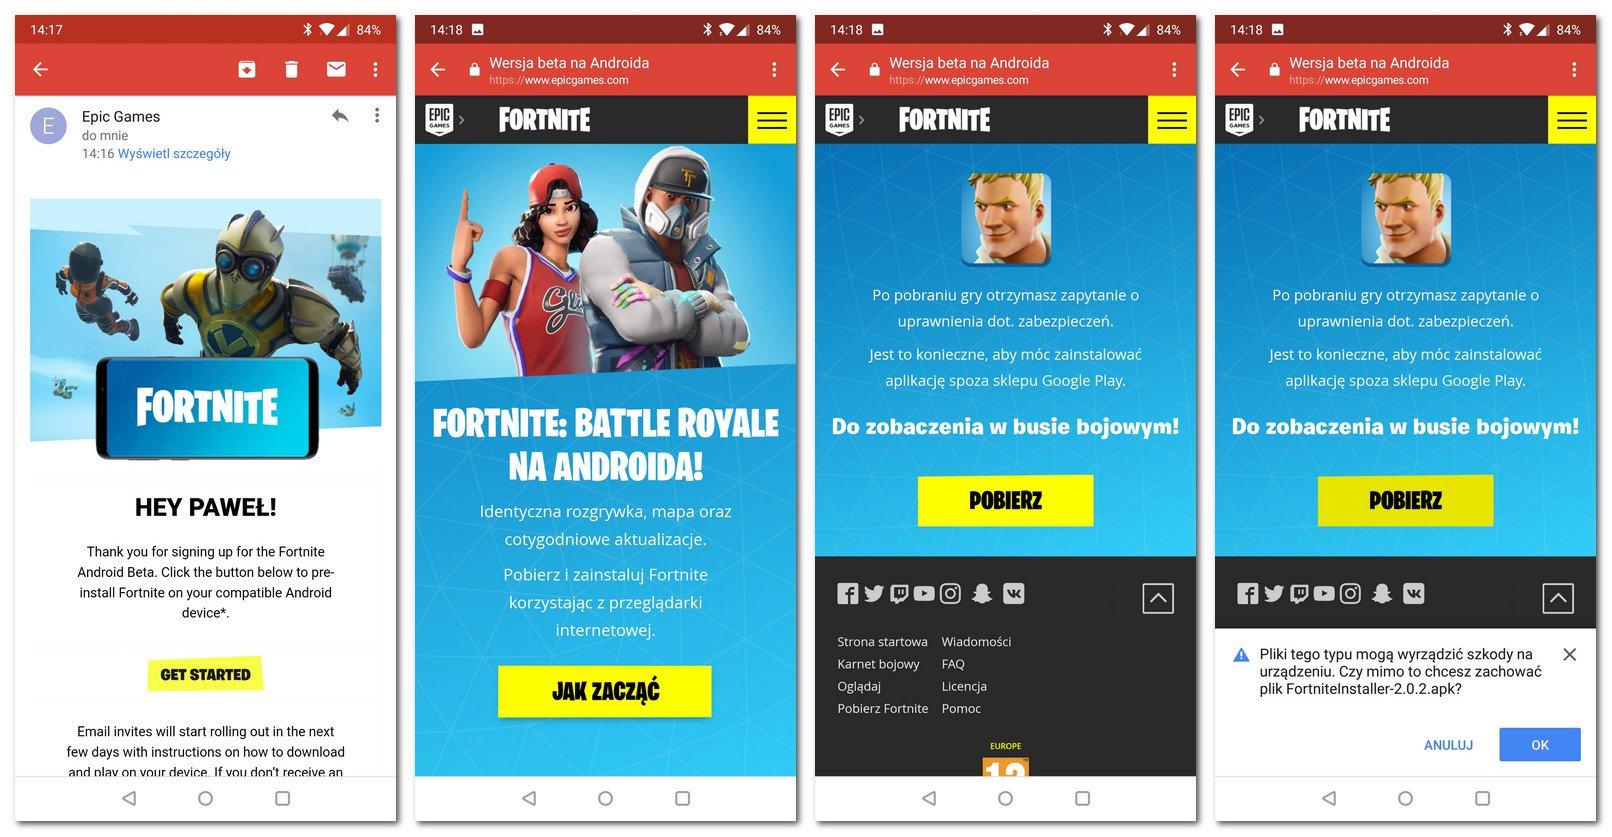 Fortnite Android pobieranie i instalacja